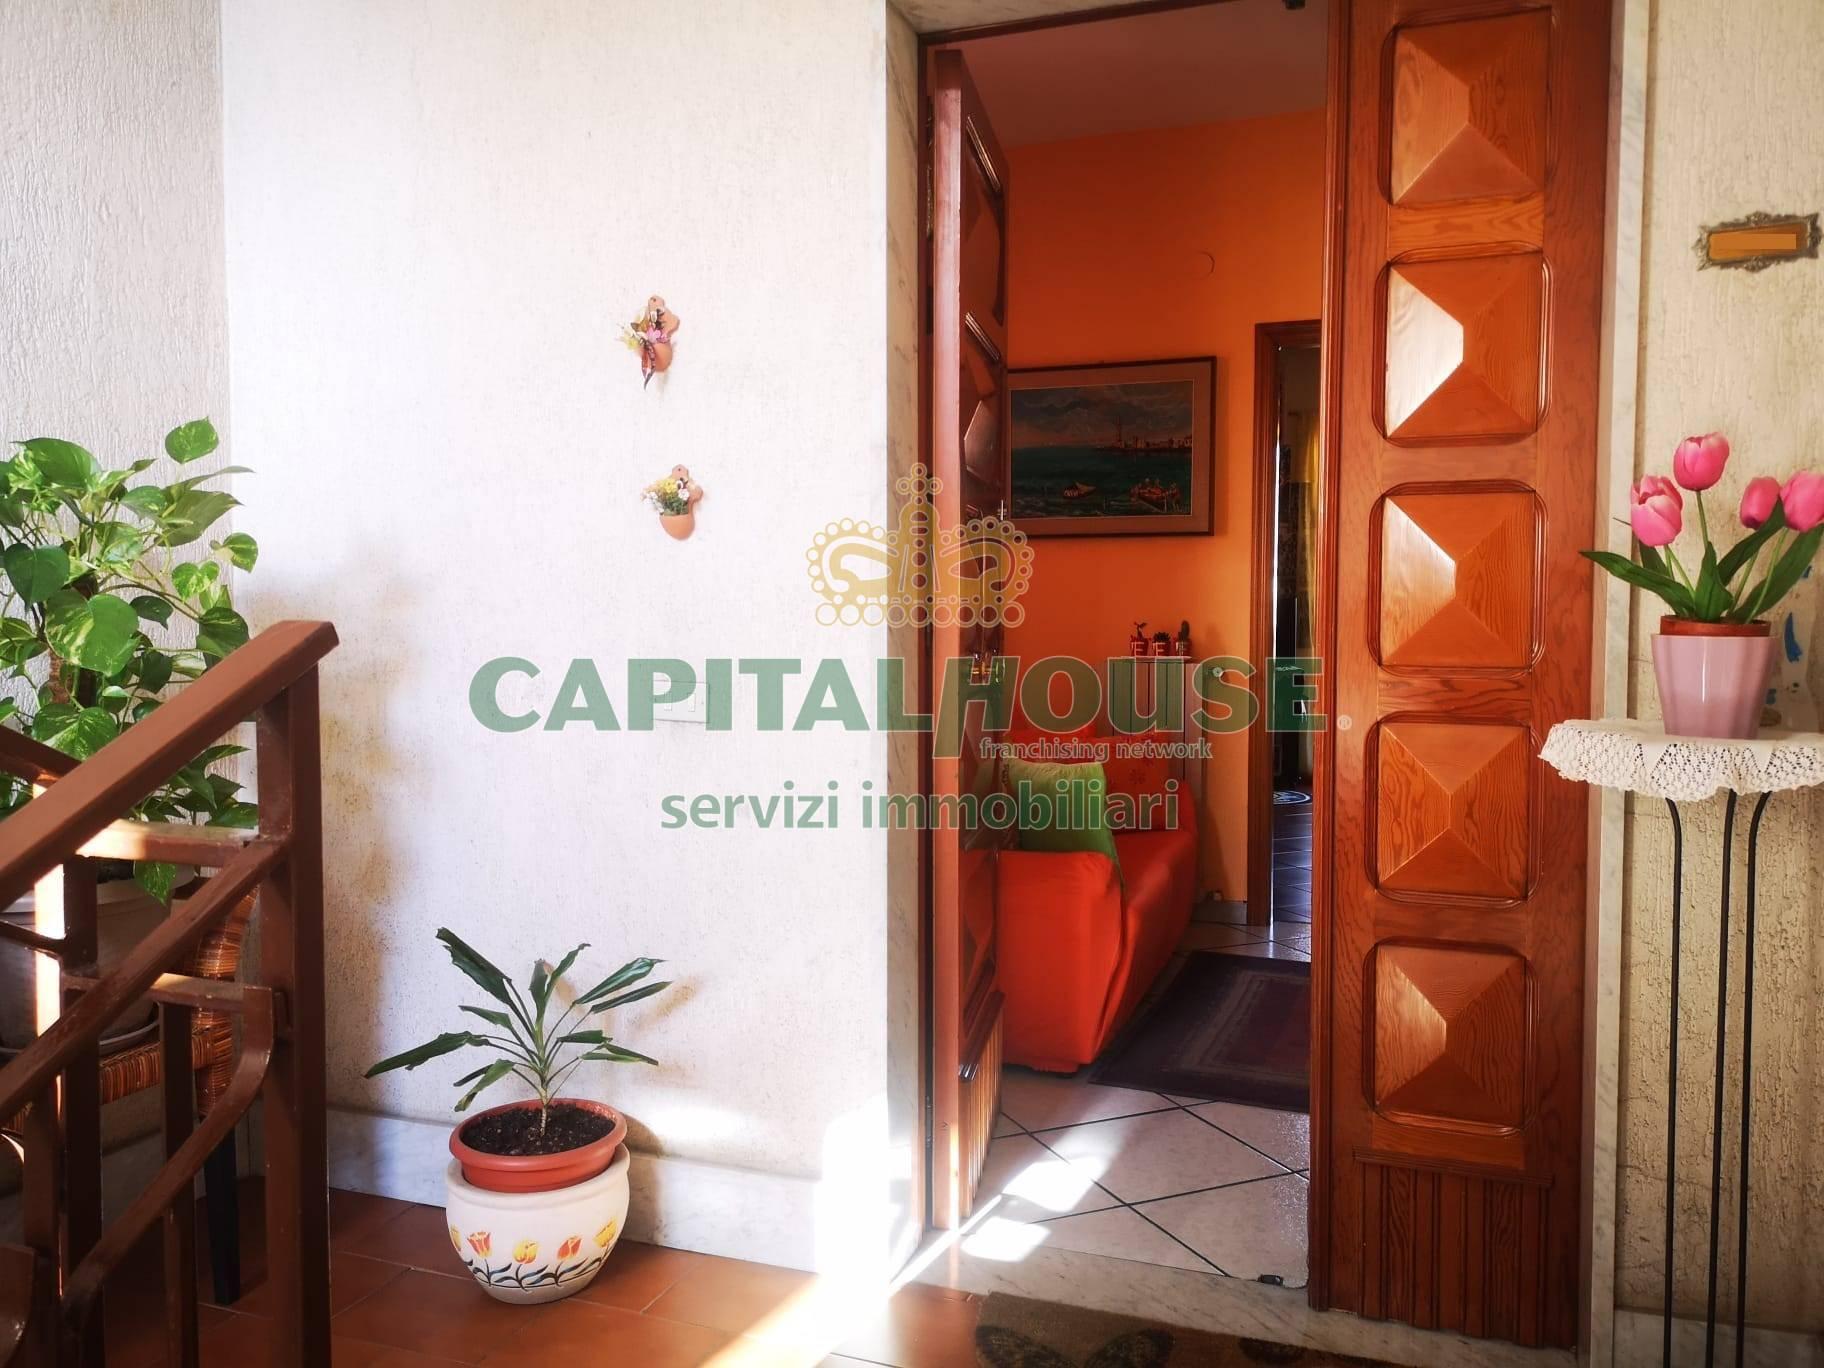 Appartamento in vendita a San Nicola la Strada, 4 locali, zona Località: L.DaVinci, prezzo € 125.000 | CambioCasa.it